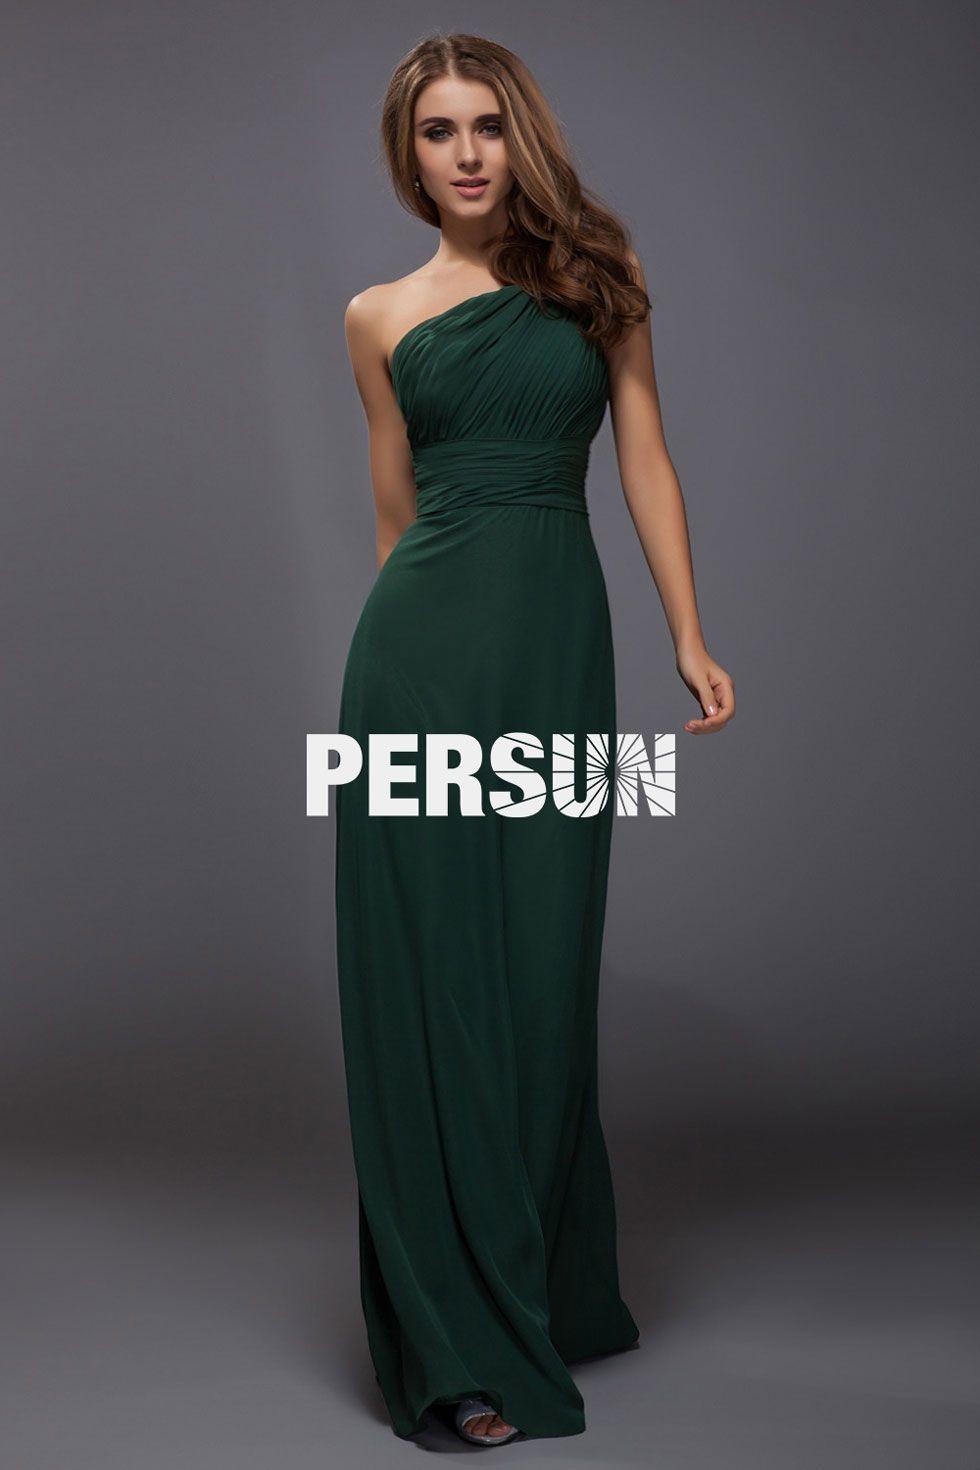 13 Perfekt Abendkleid In Grün für 201913 Schön Abendkleid In Grün Spezialgebiet